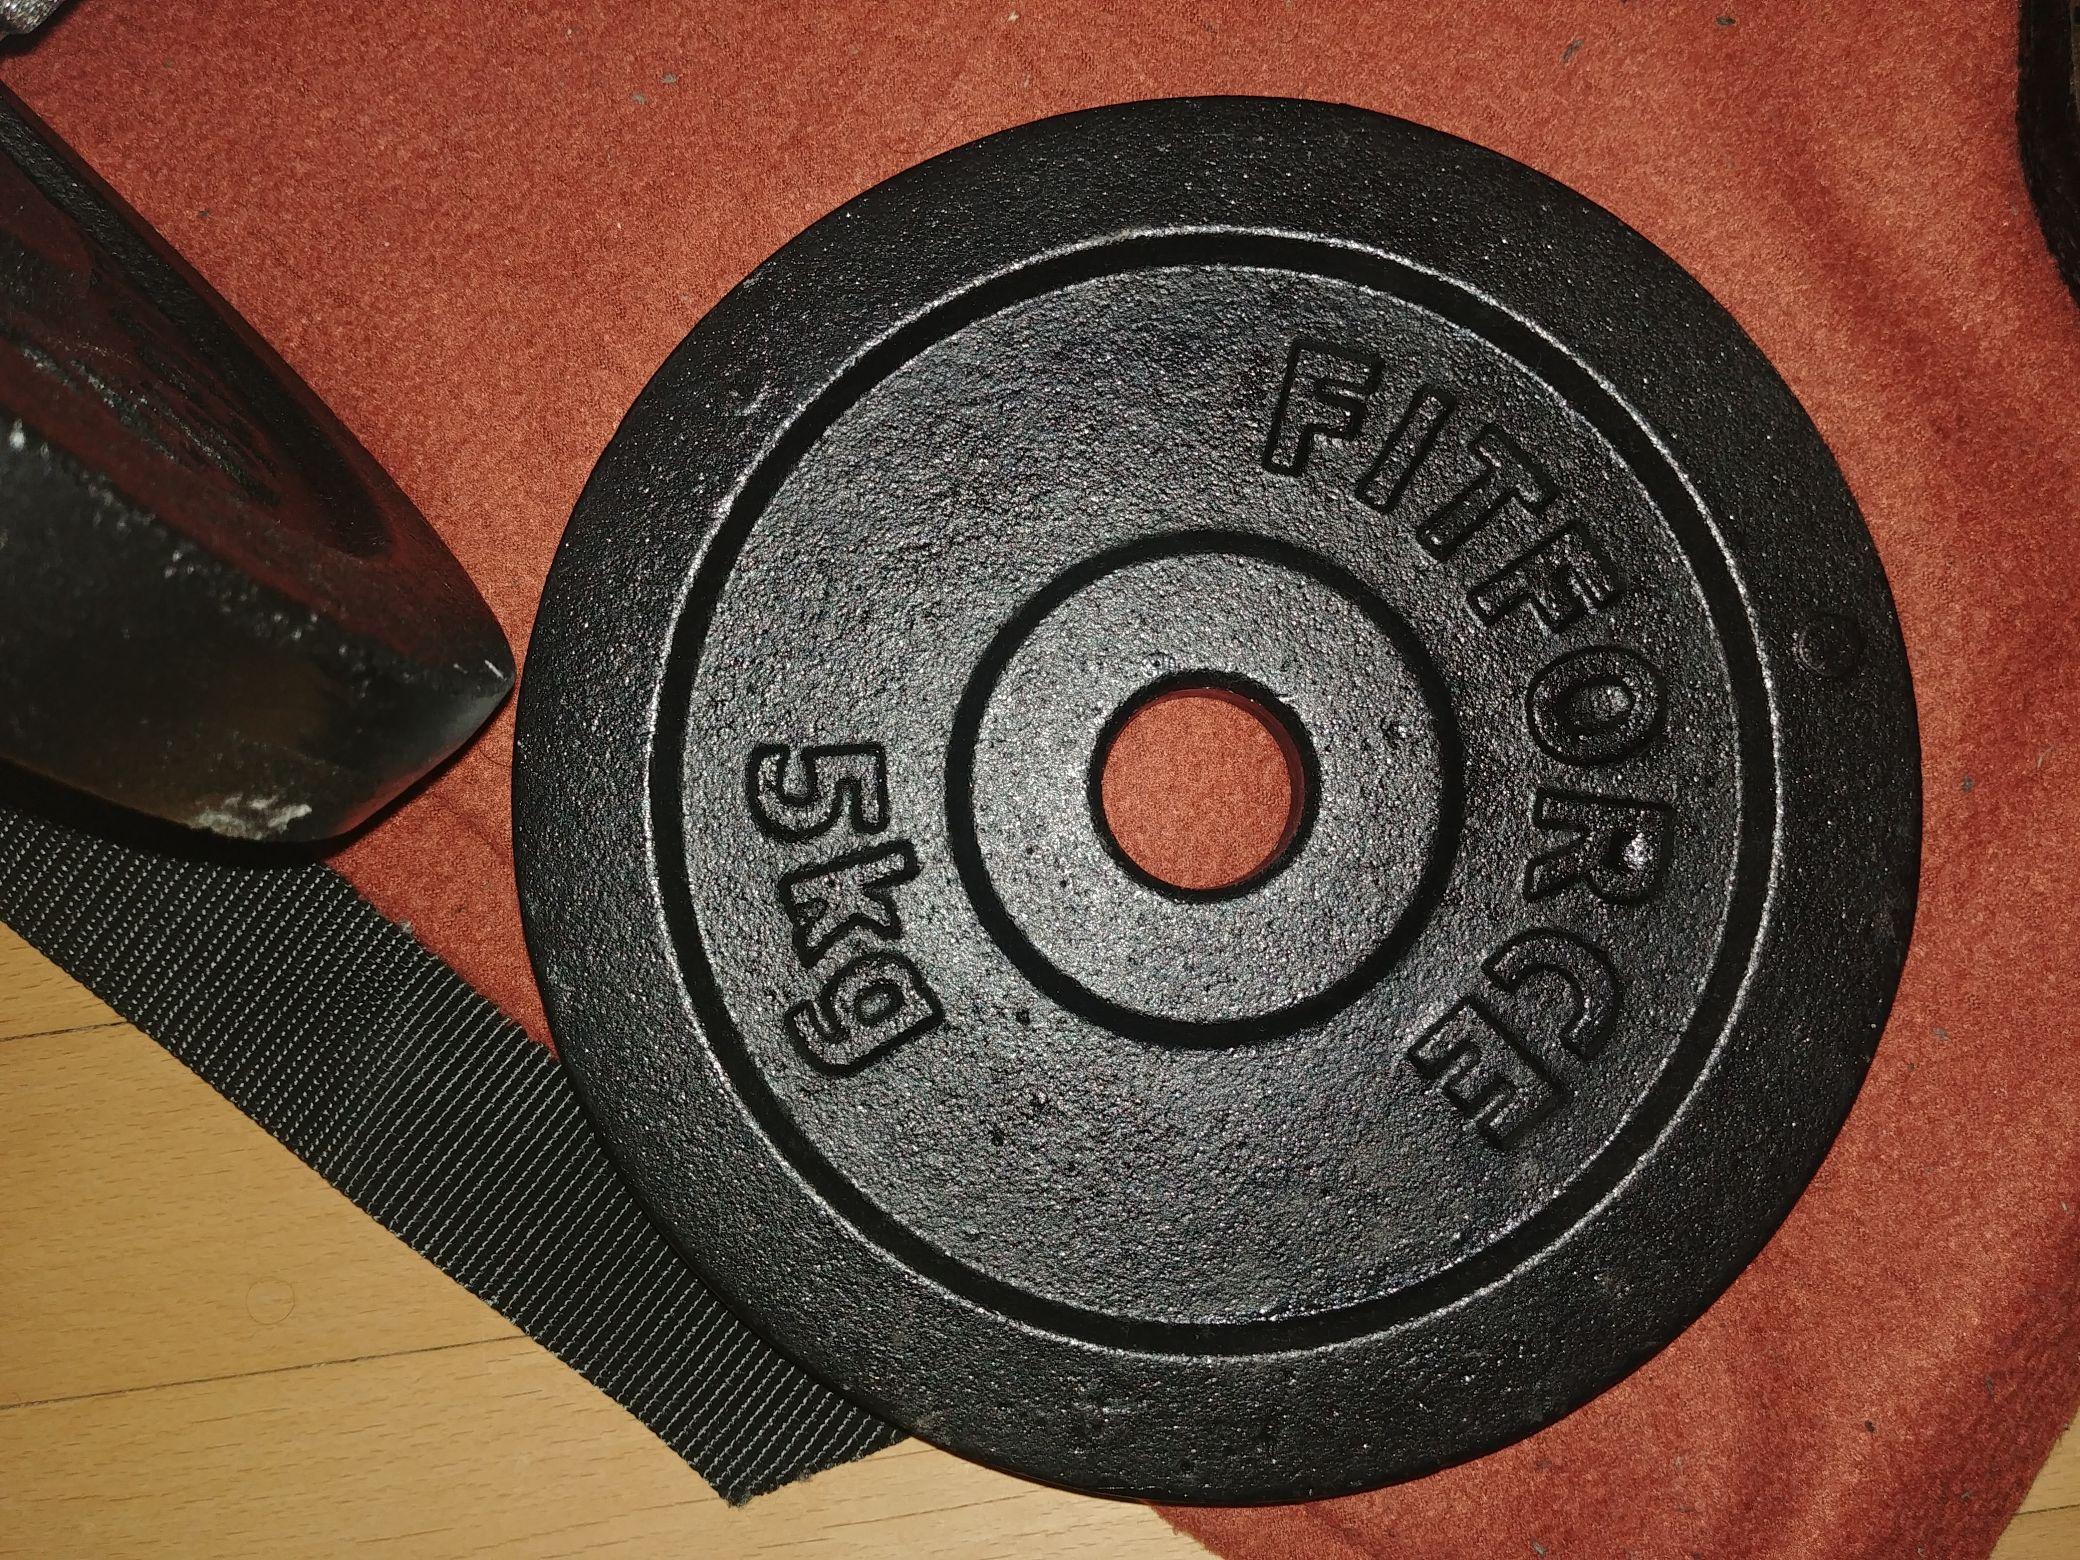 Gußeiserne 5kg Hantelscheibe